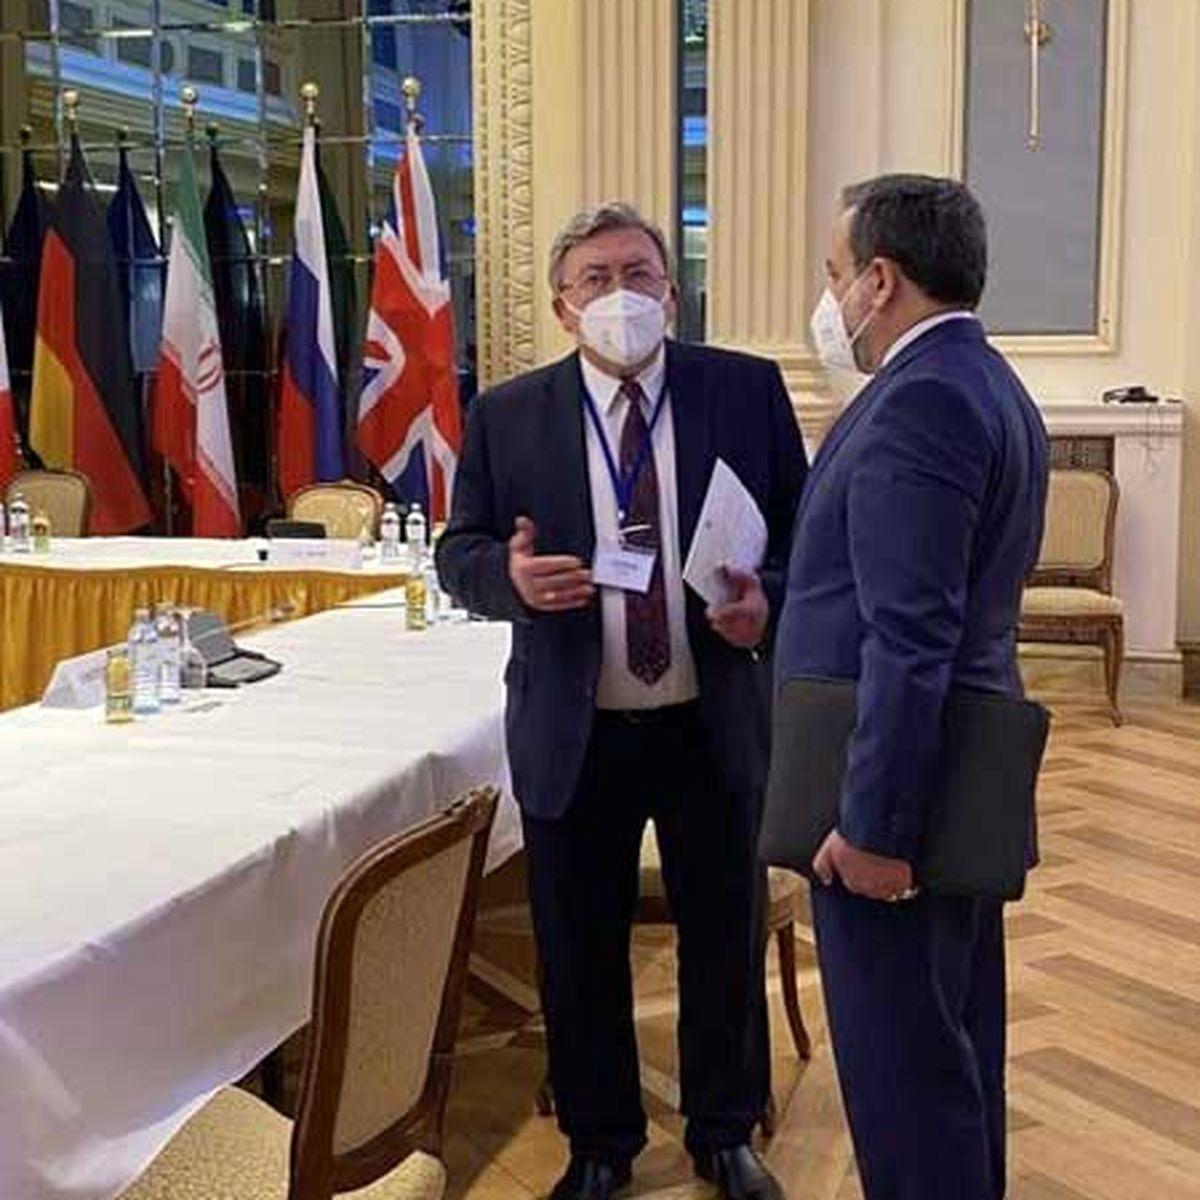 تاکید روسیه بر اهمیت از سرگیری مذاکرات احیای برجام